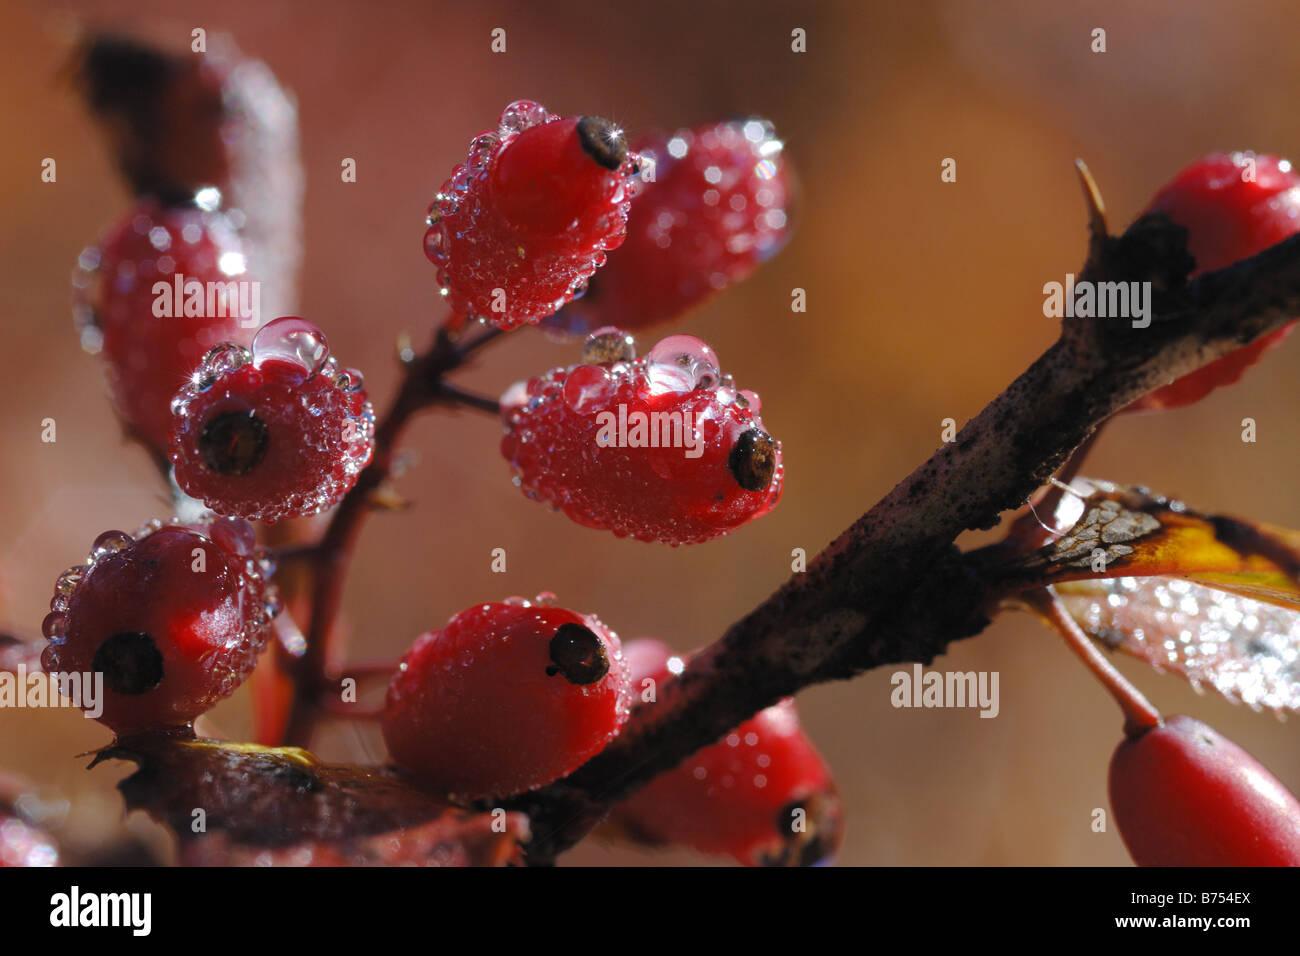 Crespino Berberis vulgaris arbusto di piante arbustive piante frutta frutto il Parco Nazionale del Gran Paradiso Immagini Stock